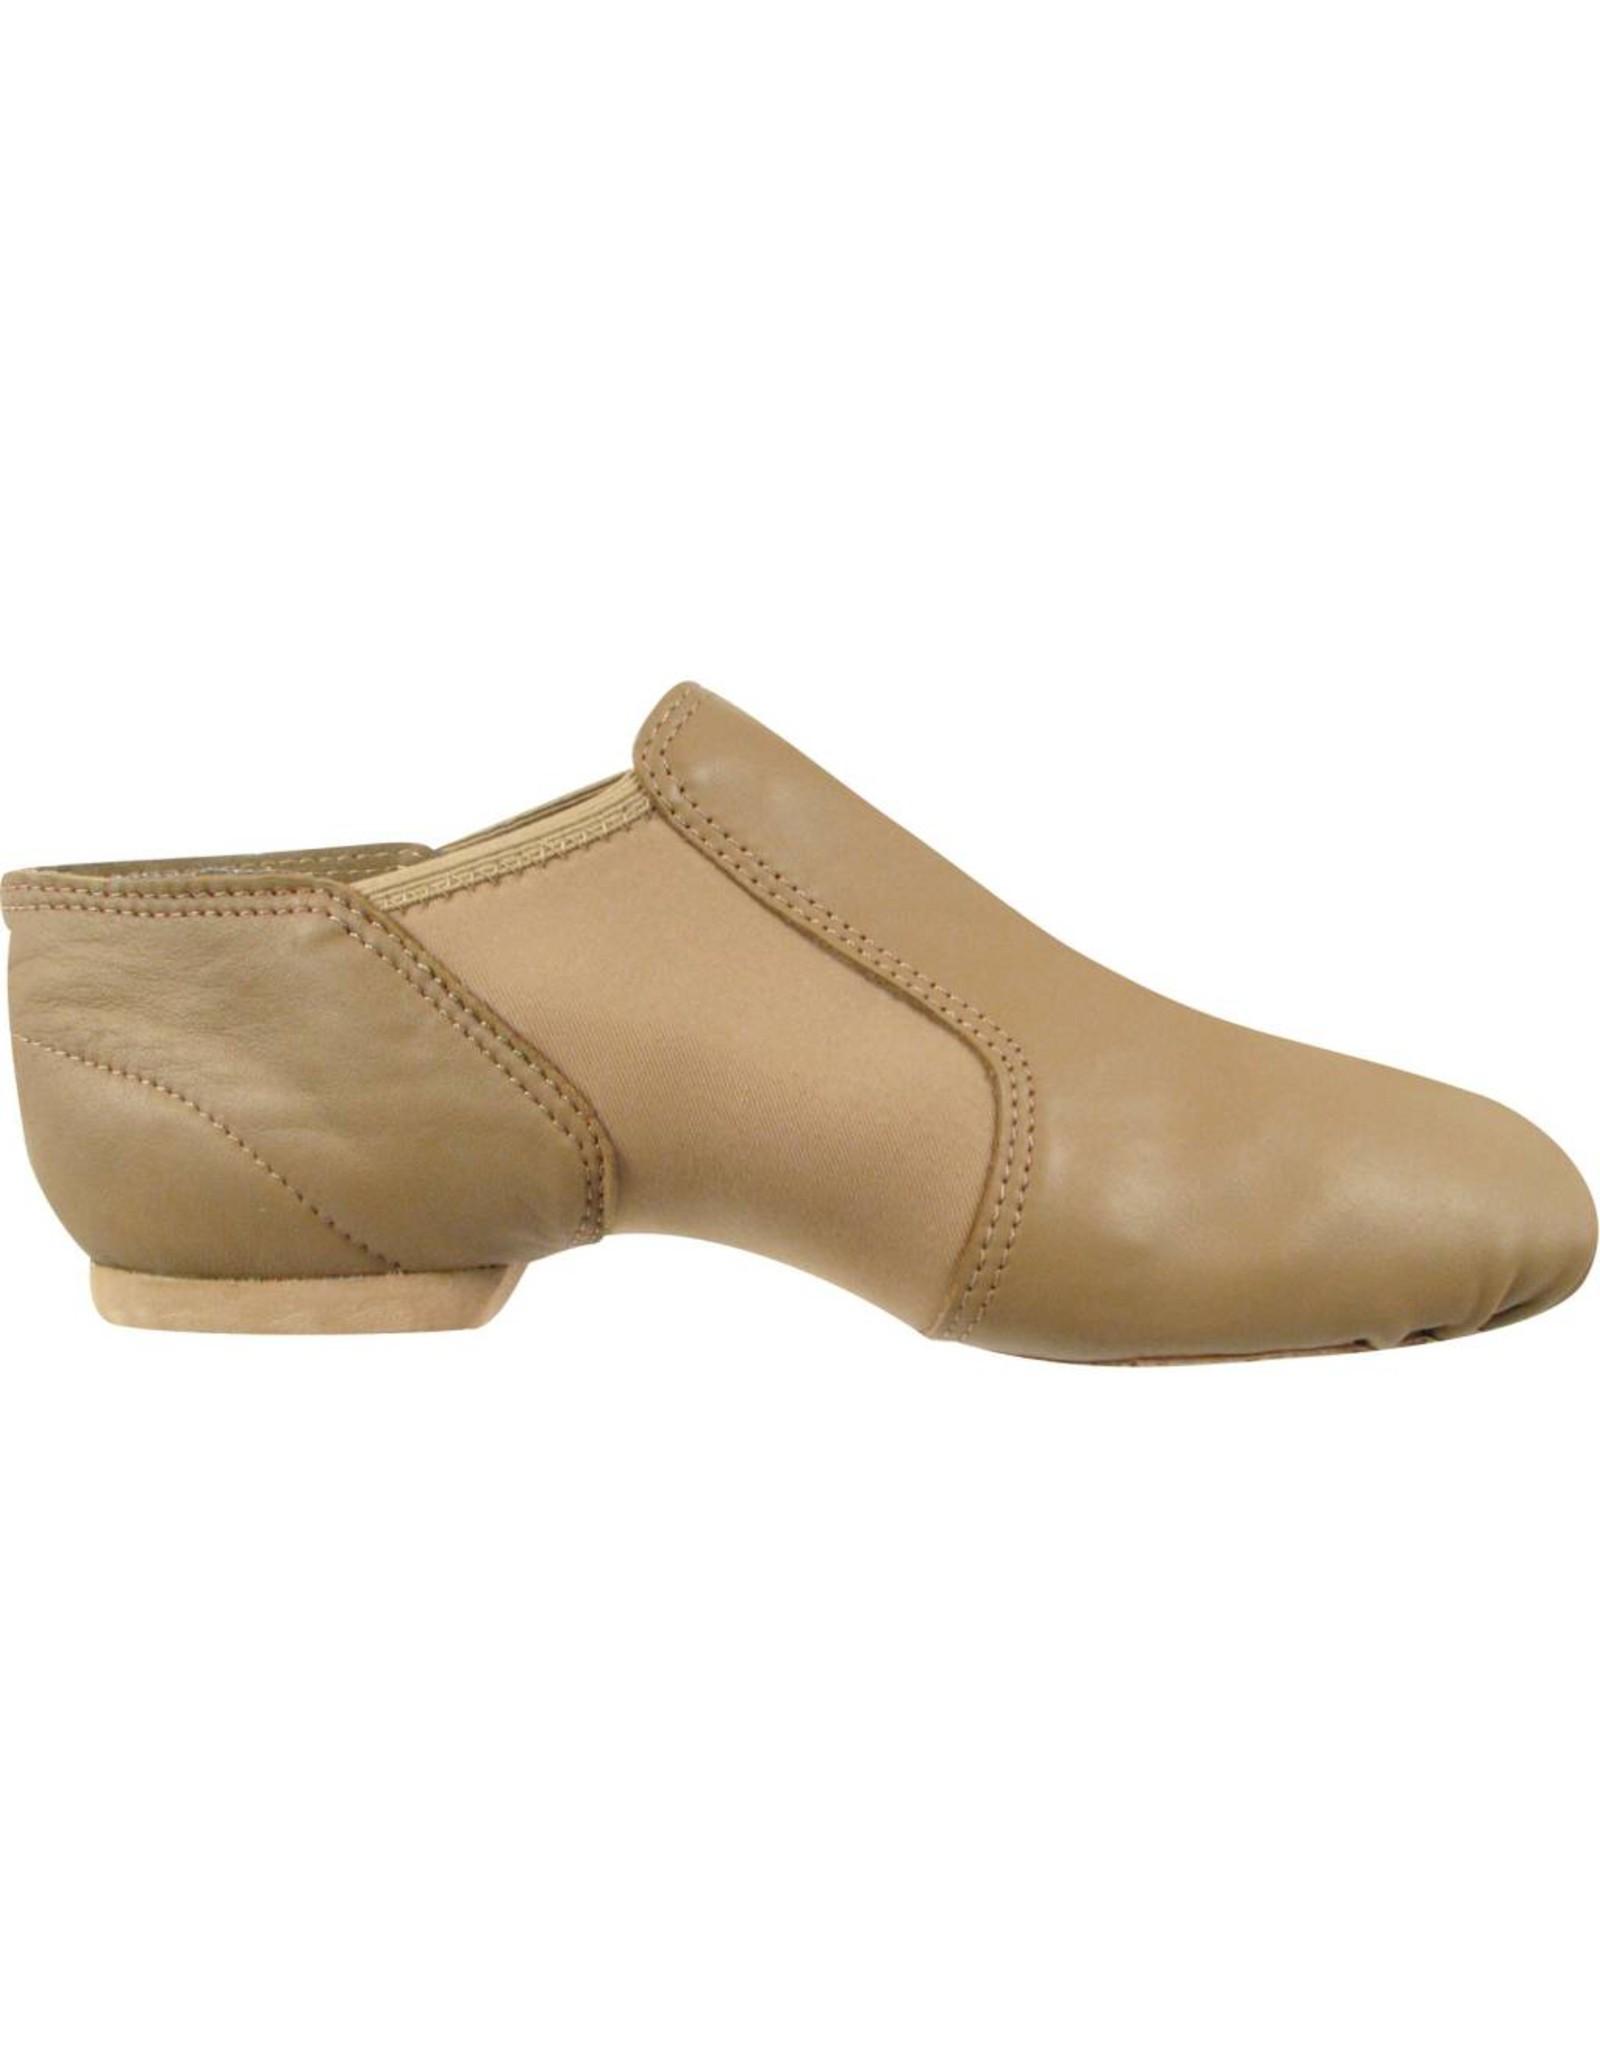 SoDanća JZ40 Low Split Sole Leather Jazz Boot  CARAMEL